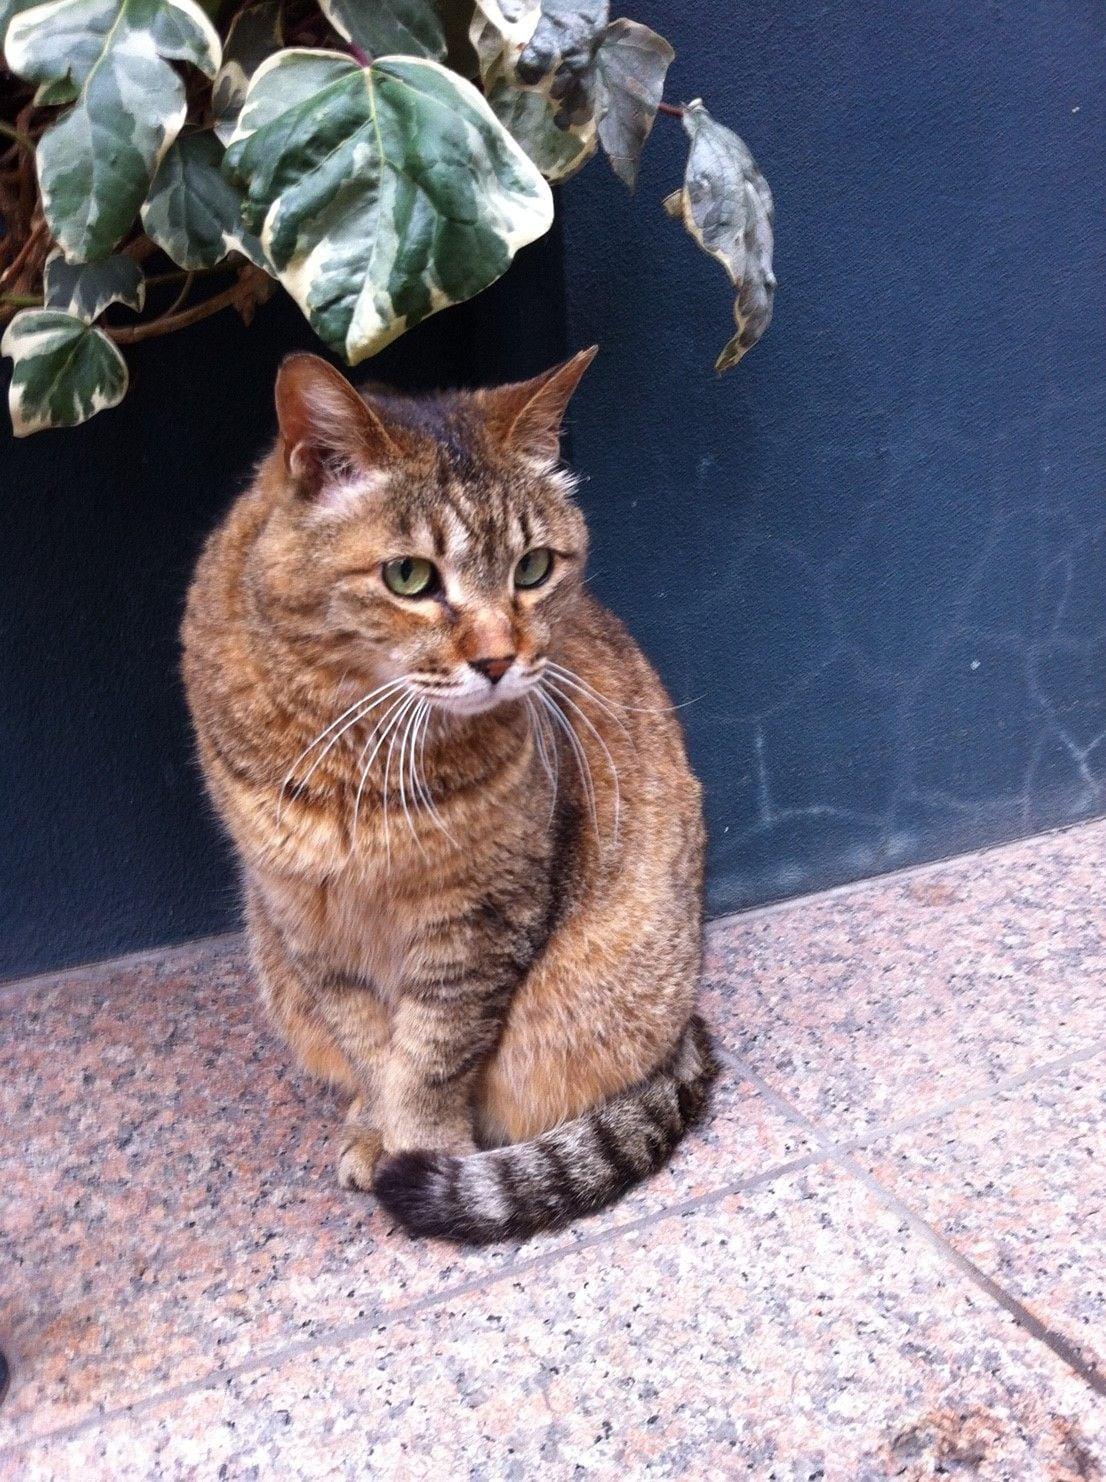 街角の猫ちゃんモフキュン写真館【ぼっち編】の画像001